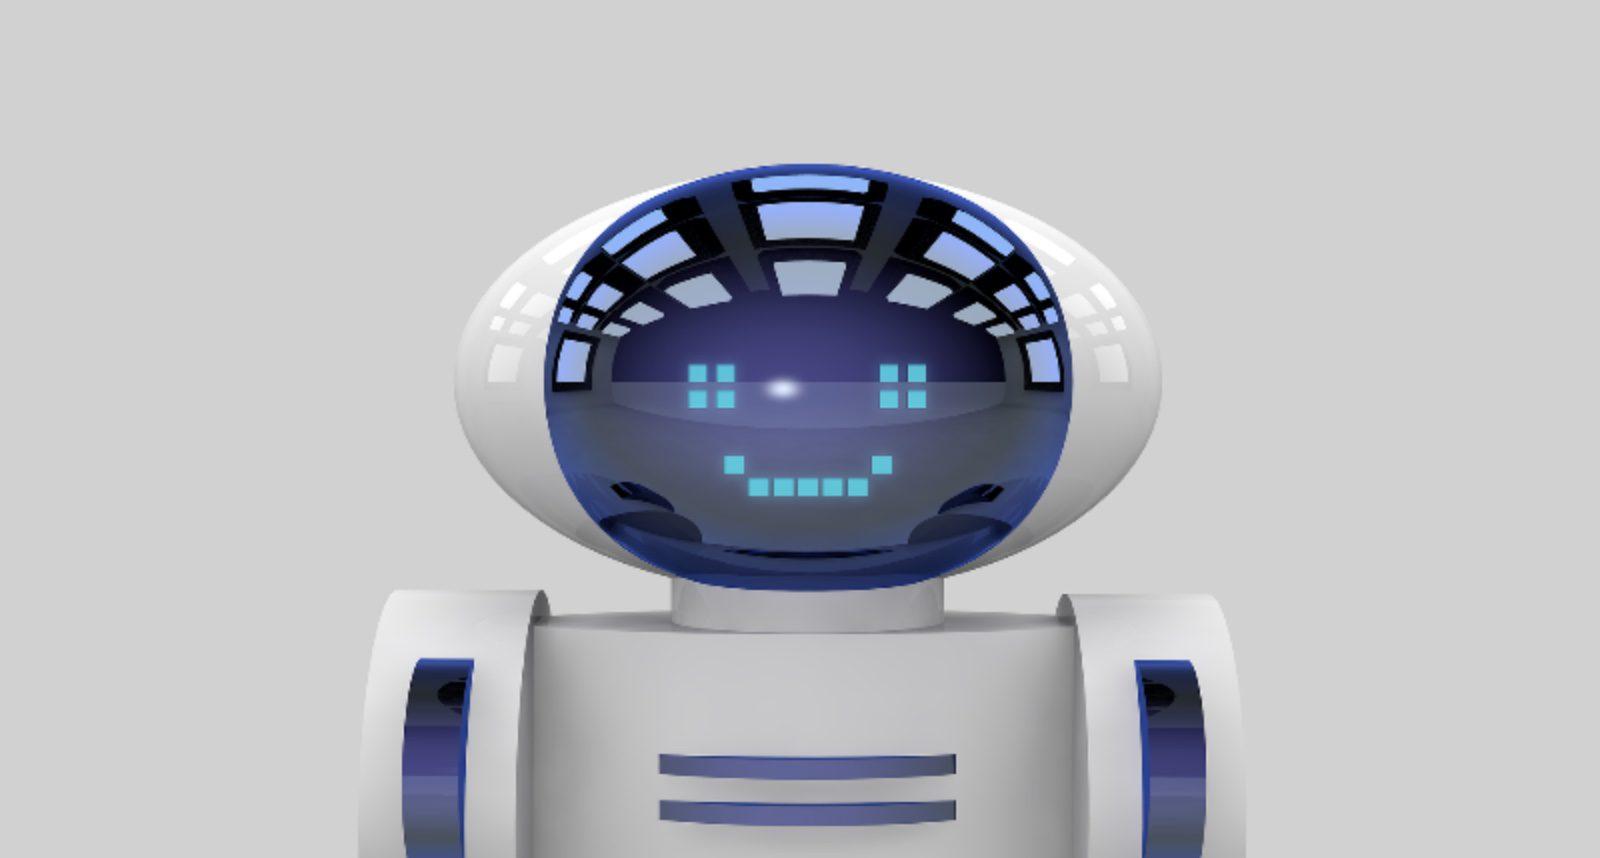 AI Marketing : gagner de l'argent en ligne grâce à l'intelligence artificielle